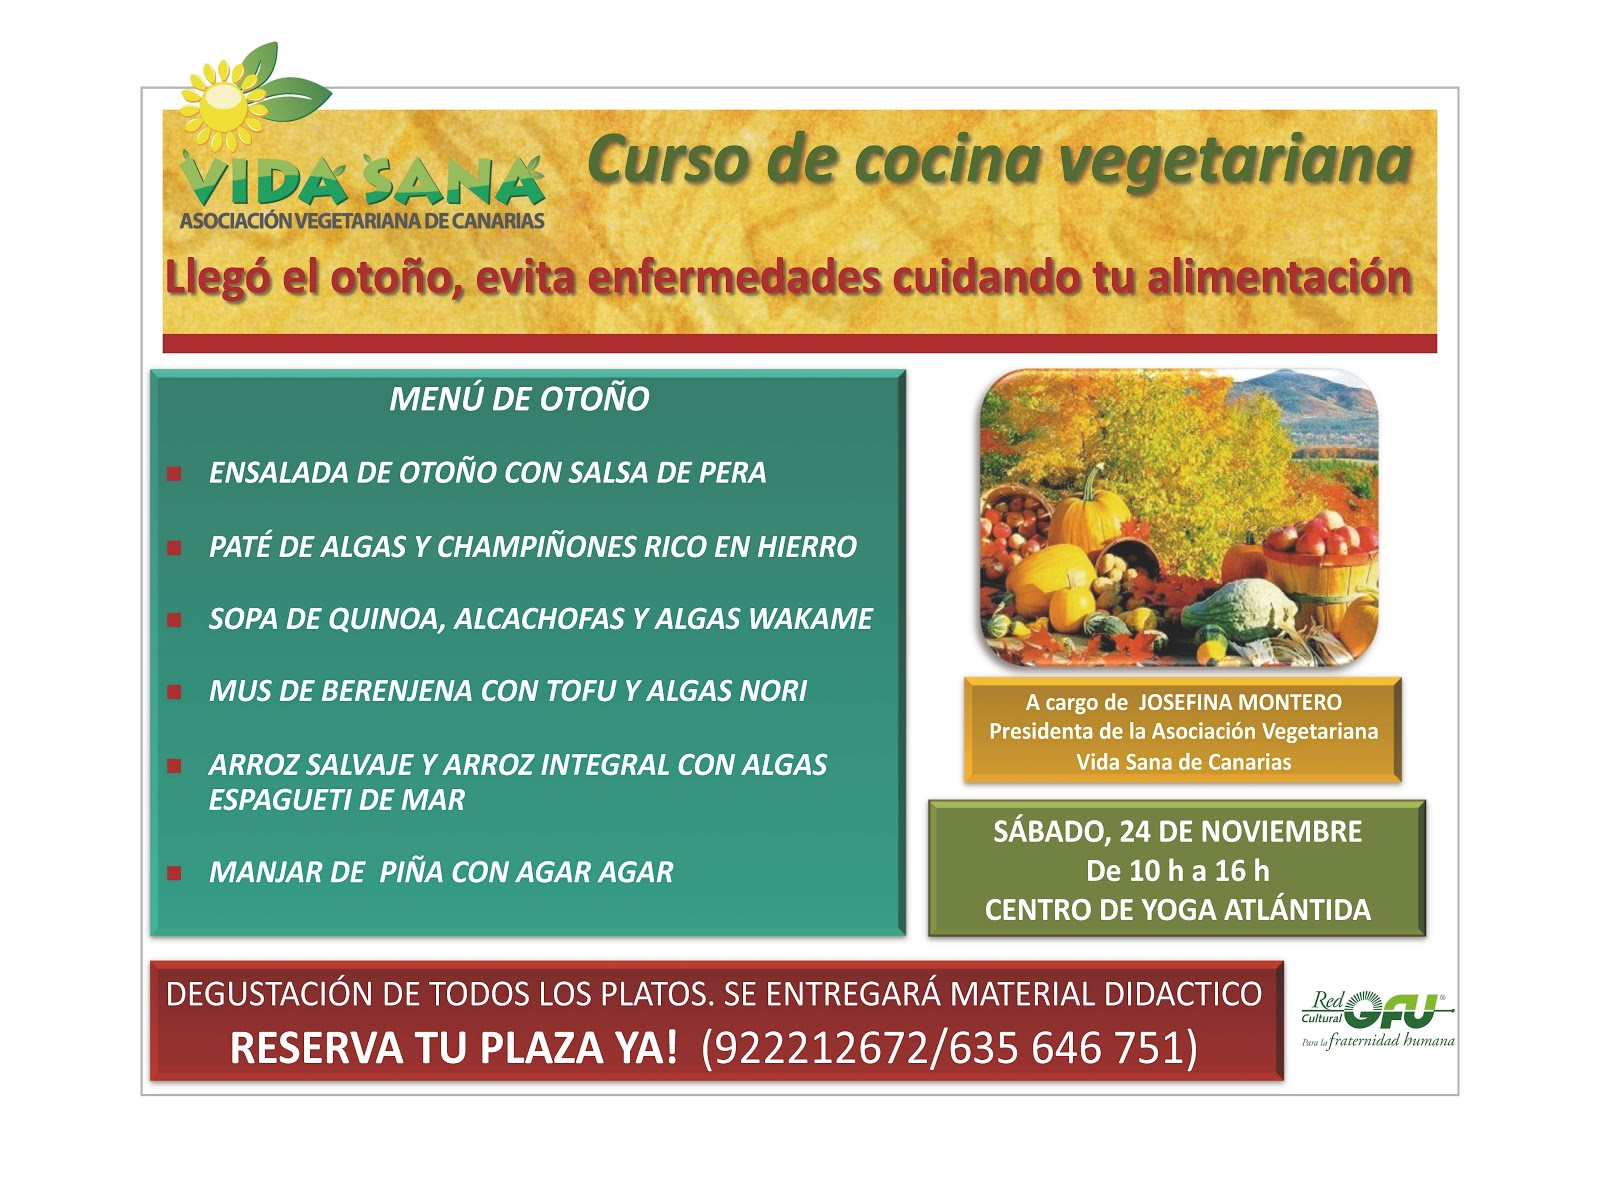 Asociaci n vegetariana vida sana de canarias - Curso de cocina vegetariana ...